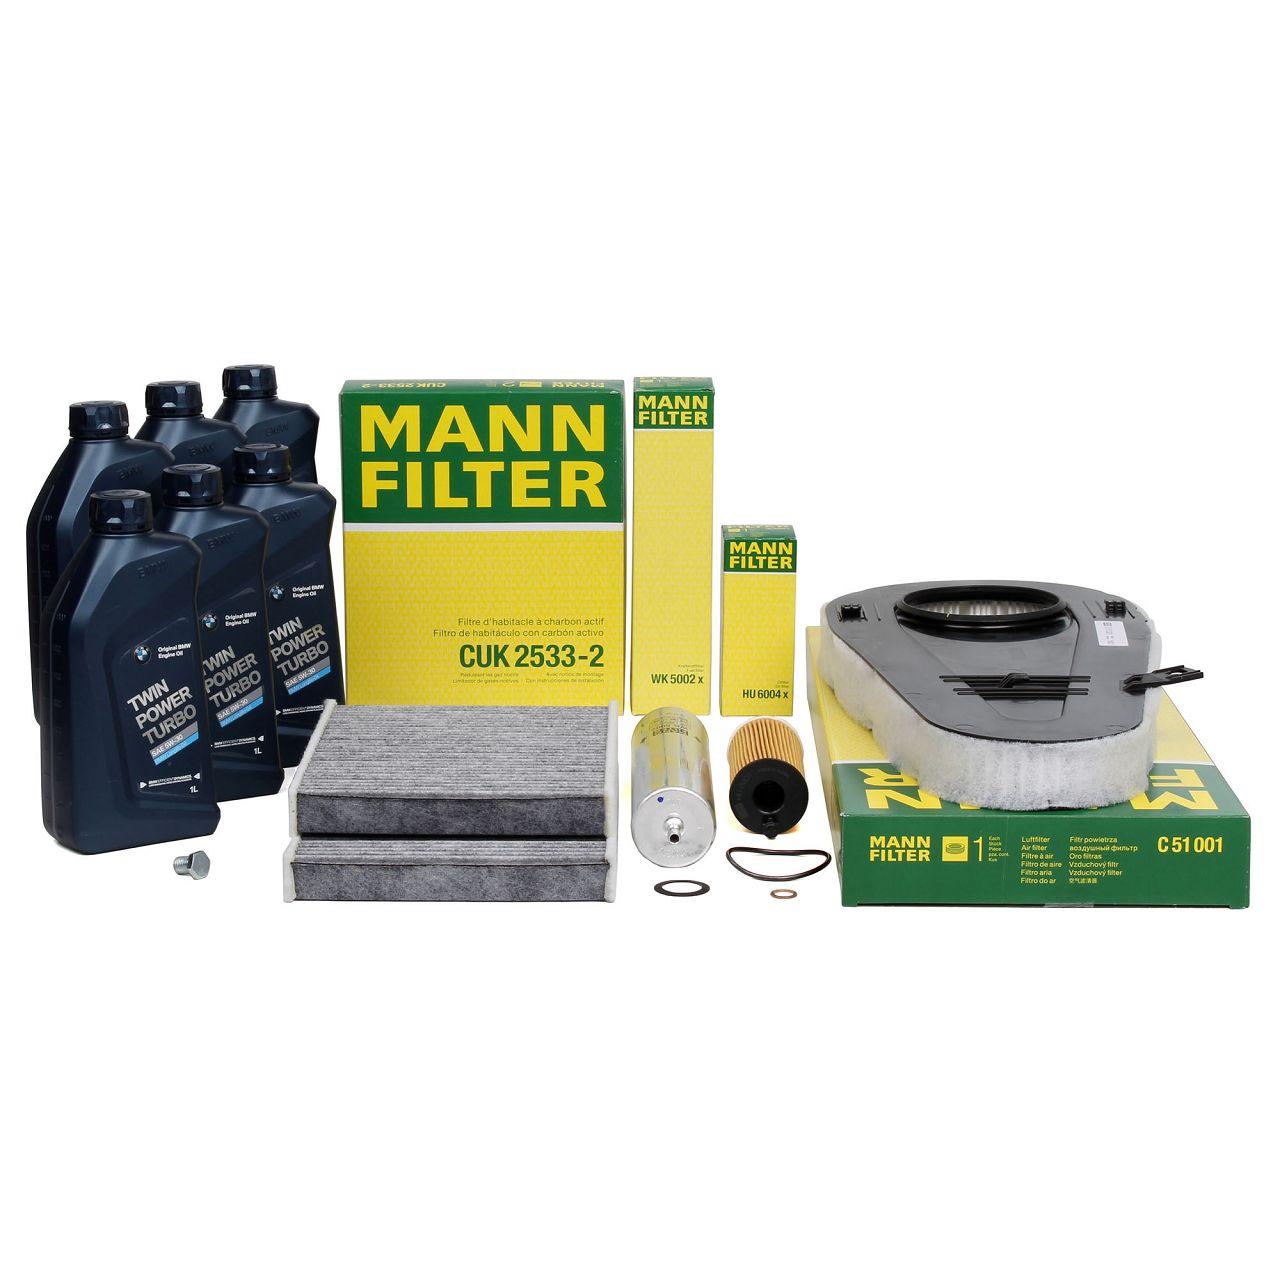 MANN Filterset + 6 L ORIGINAL BMW Motoröl 5W30 für F10 F11 F07 518d 520d 525d